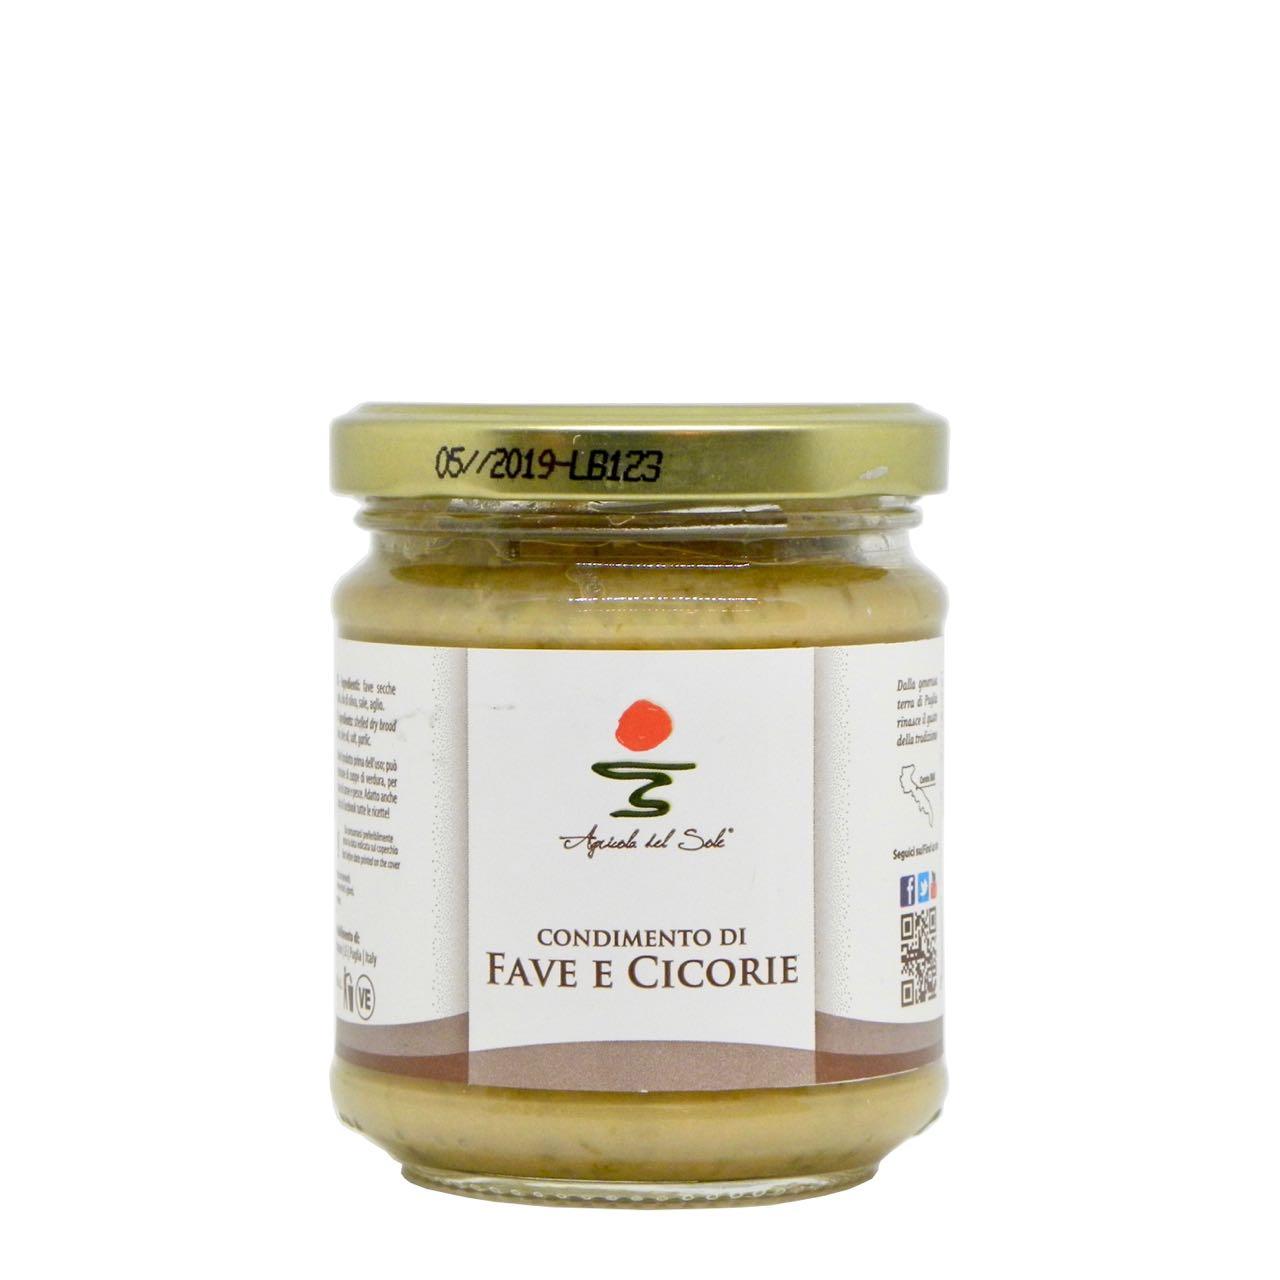 Condimento di fave e cicorie Agricola del Sole – Agricola del Sole broad beans and chicory condiment – Gustorotondo – Italian Food Boutique